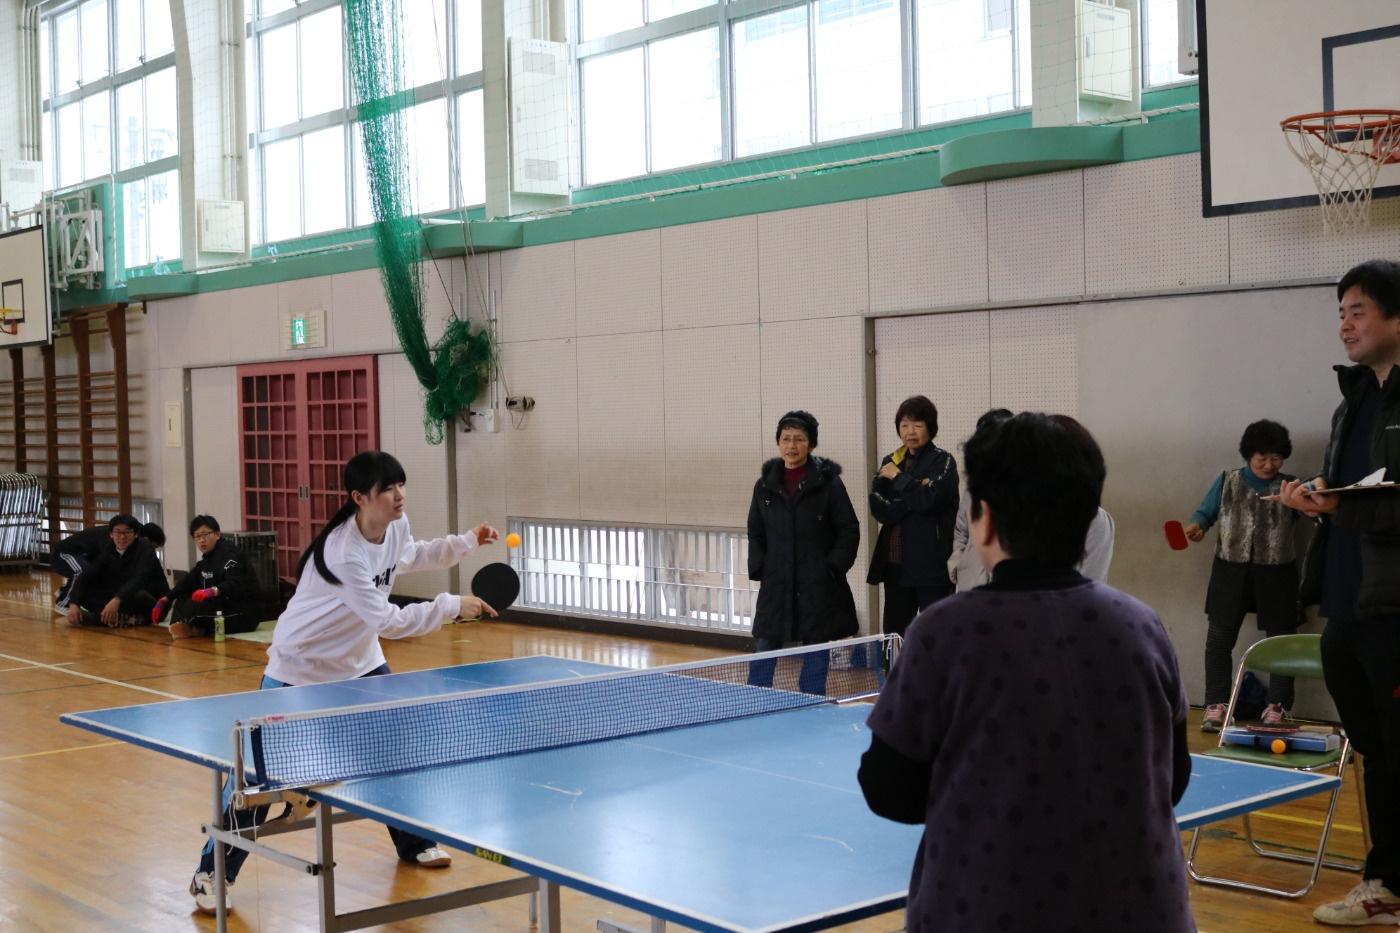 ラージボール卓球の様子 第29回吉島地区冬季スポーツレクリエーション大会